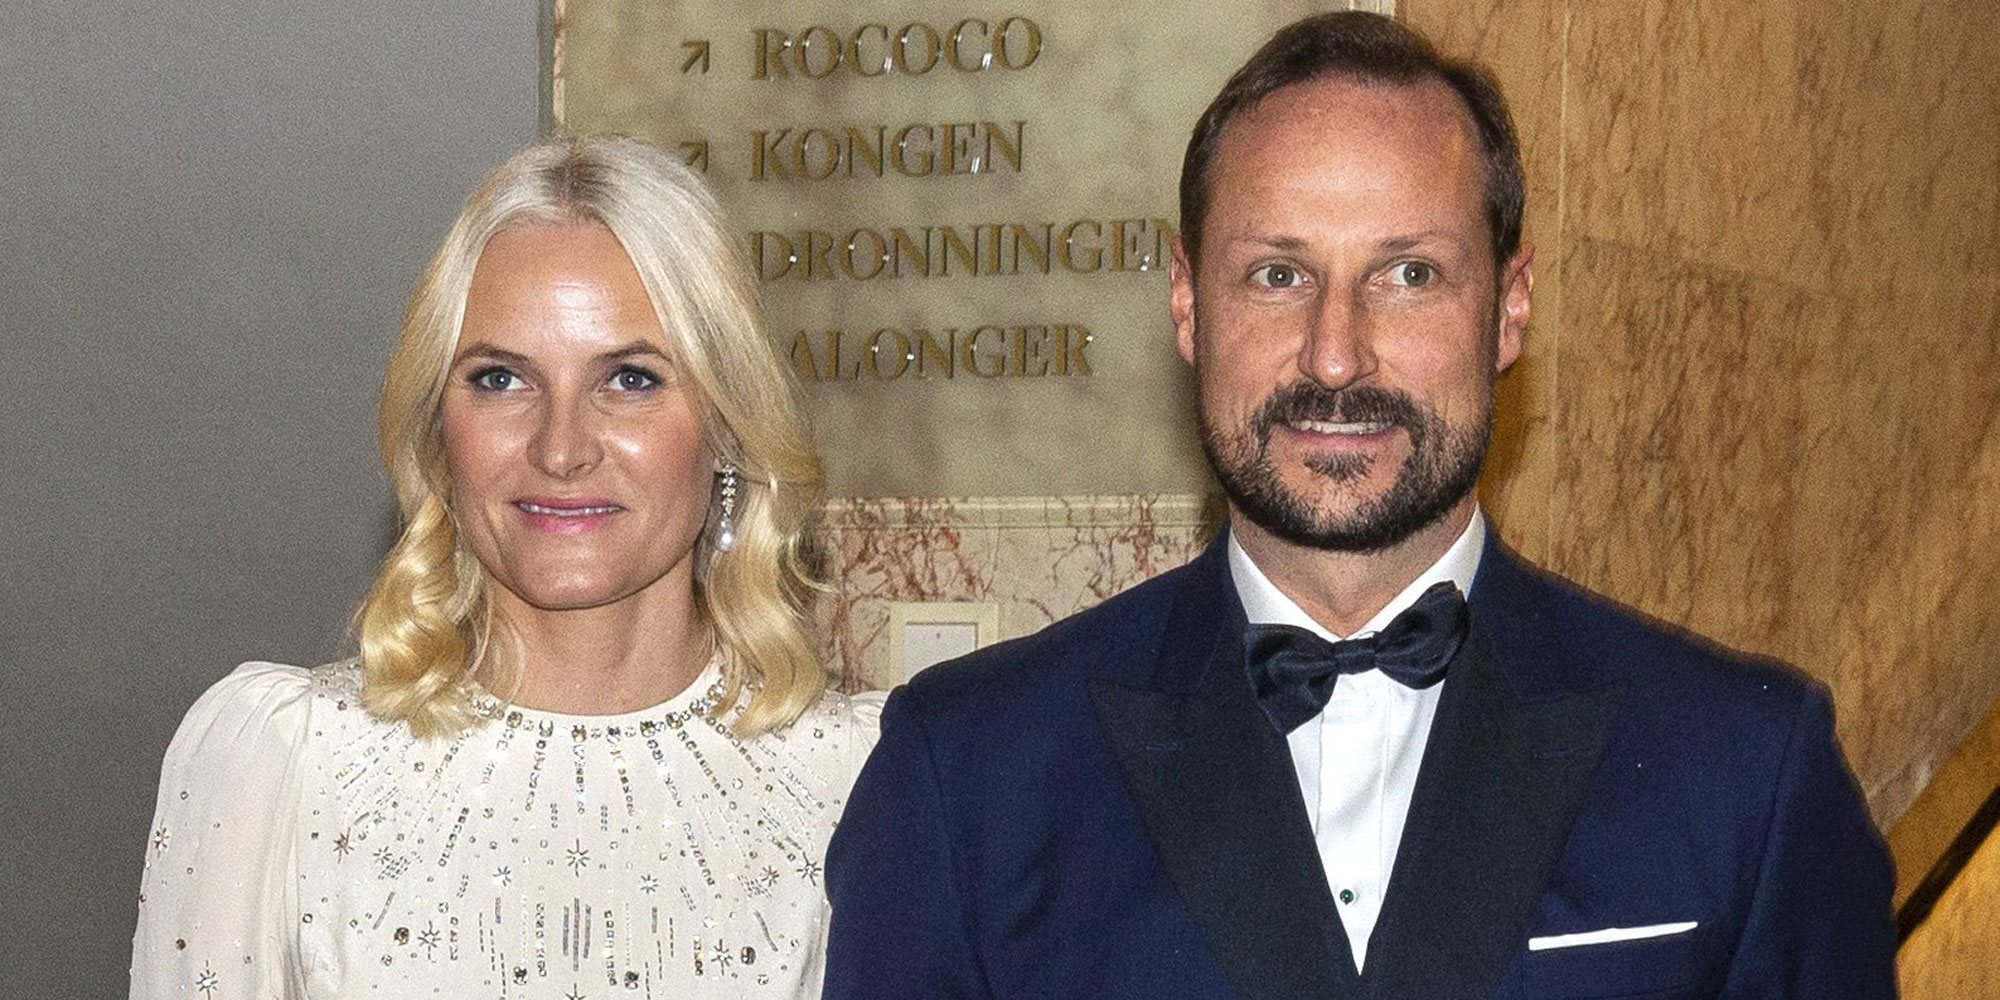 El gesto de Haakon y Mette-Marit de Noruega durante el confinamiento redobla la presión sobre los Reyes Felipe y Letizia